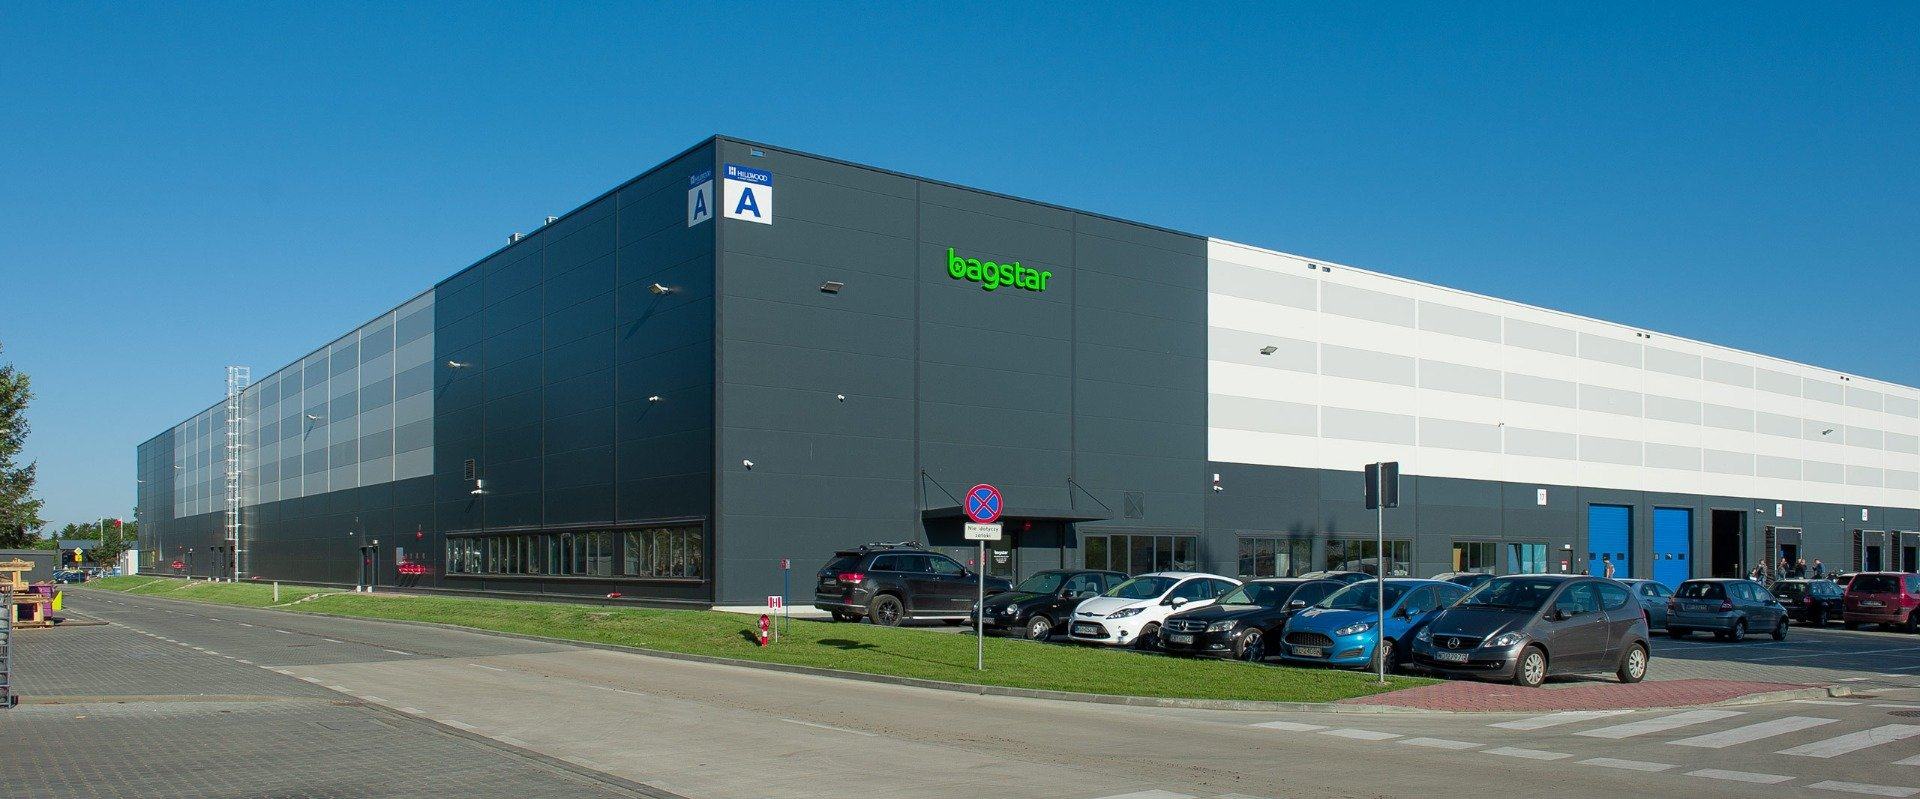 Nowa siedziba Bagstar | Opakowania